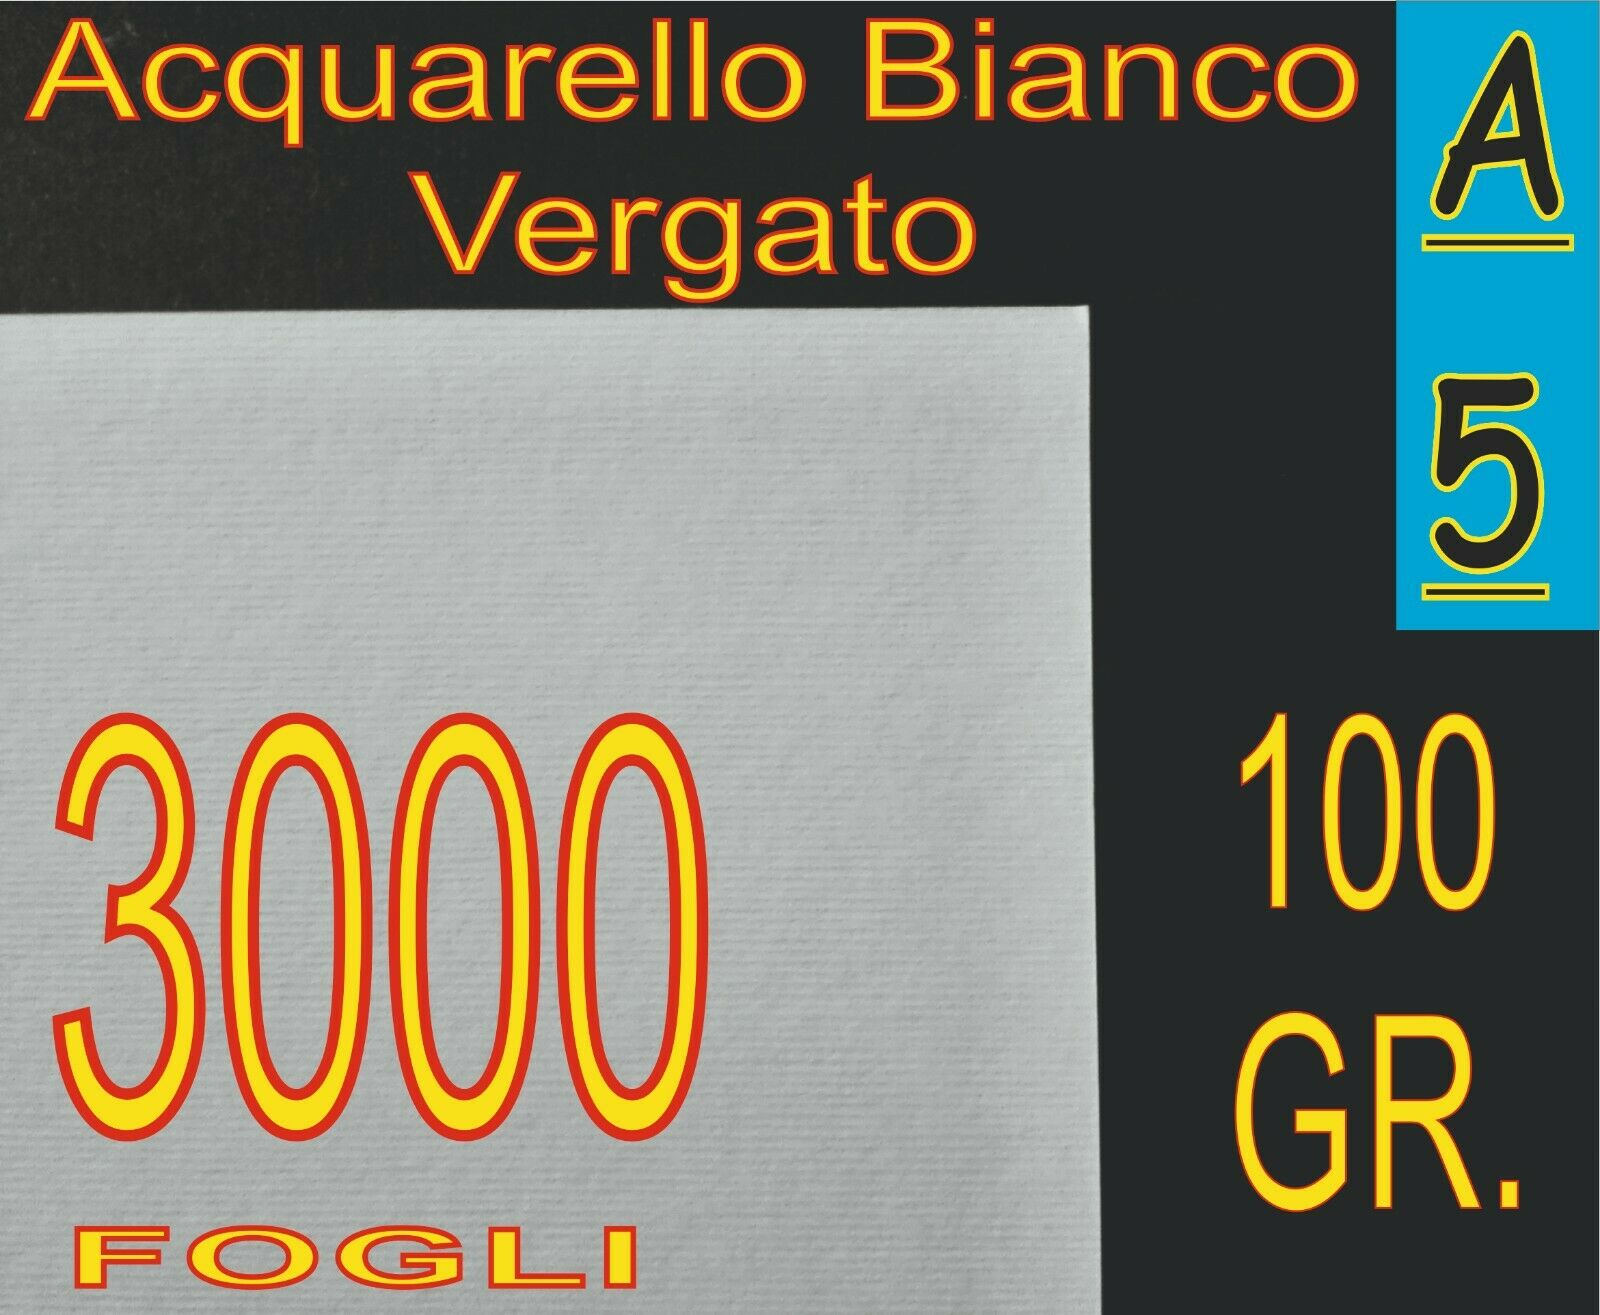 3000 FOGLI A5 CARTA 100GR GRIFO VERGATA RILIEVO BIANCA X STAMPANTI LASER INKJET